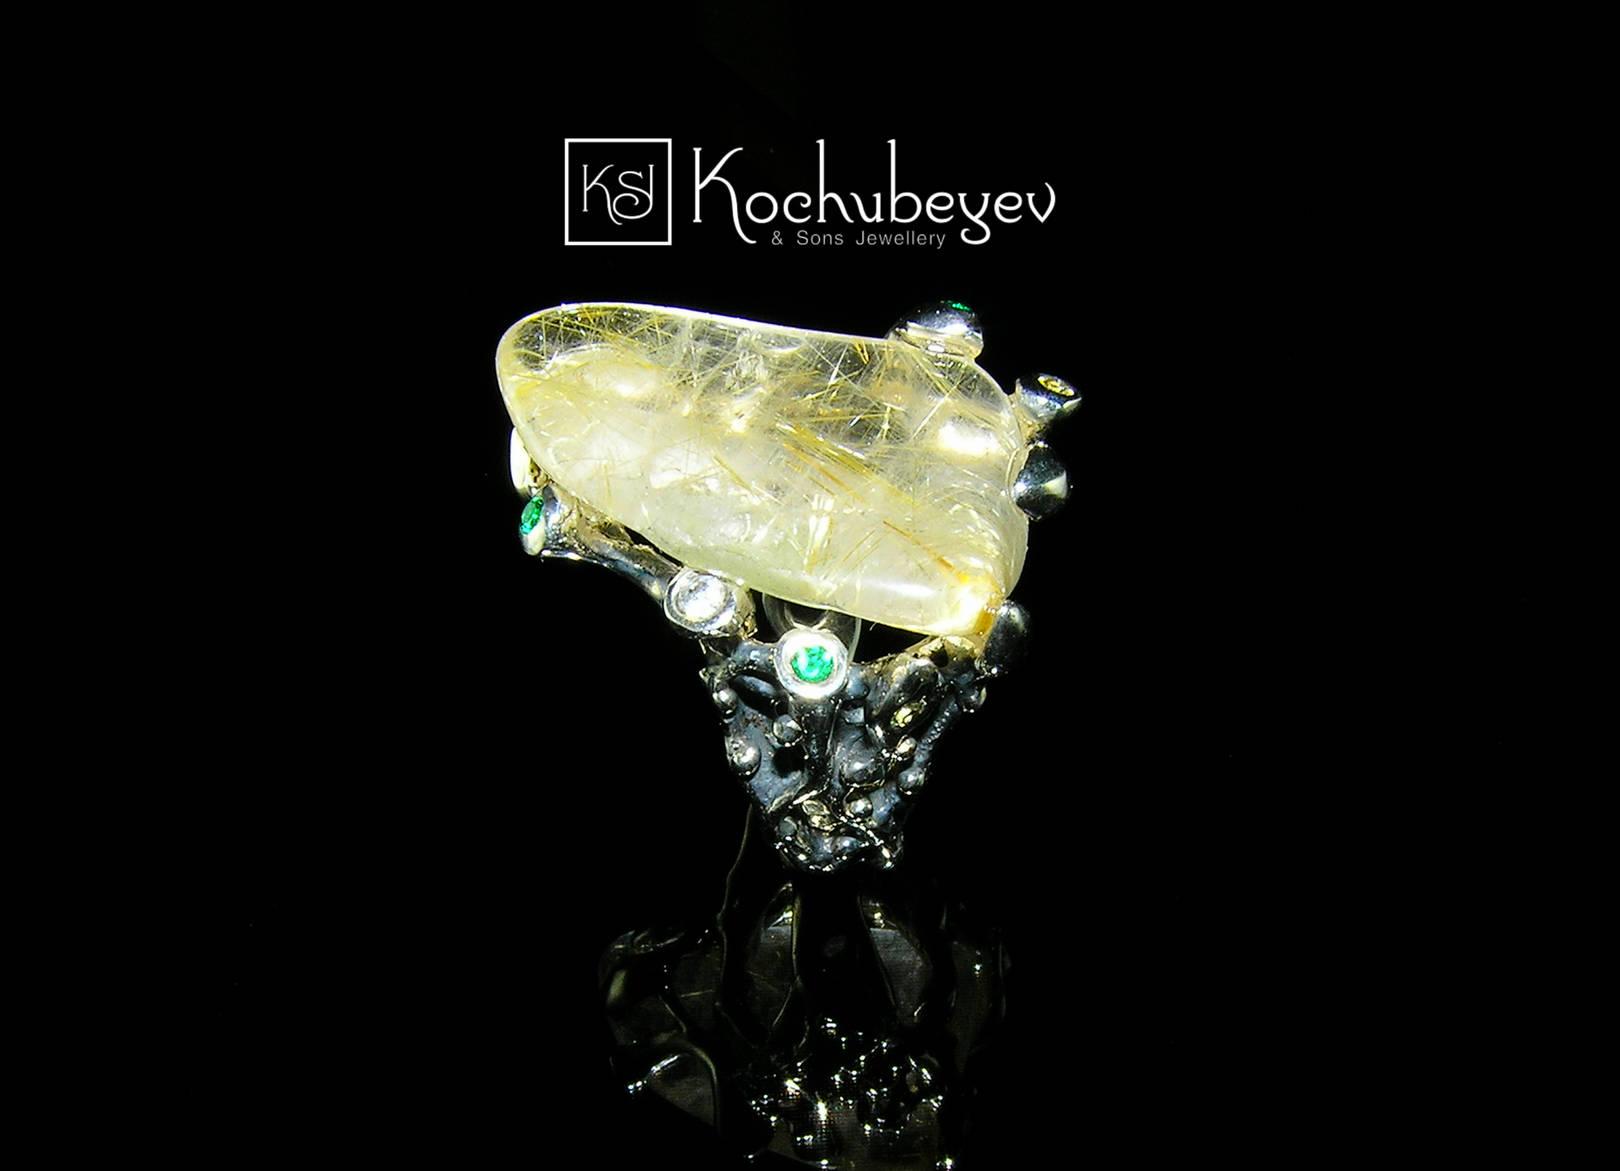 Кольцо с рутиловым кварцем. Рутиловый кварц, цавориты, лейкосапфиры, серебро, оксидирование, малая пластика.